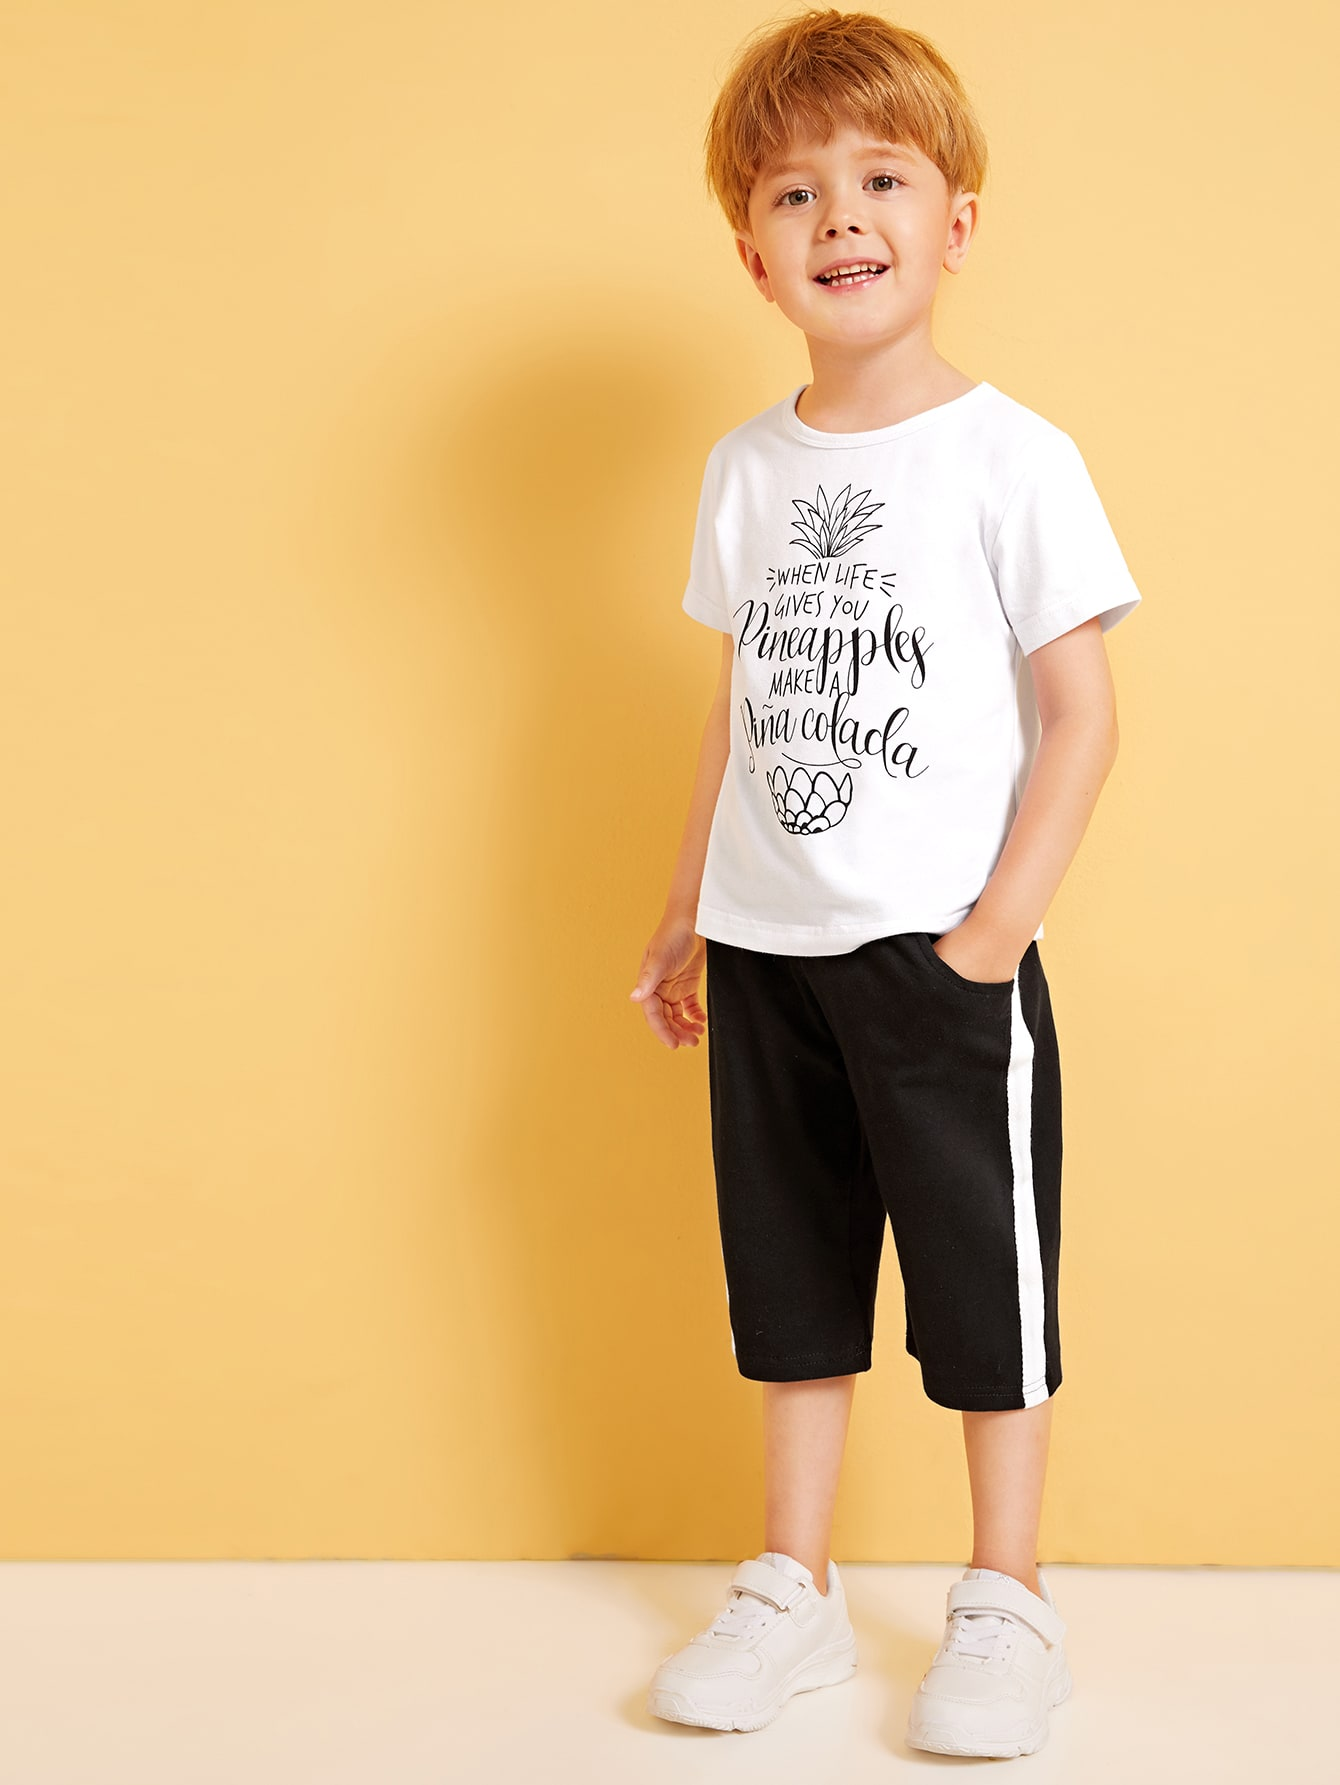 Фото - Футболку с текстовым принтом и брюки с контрастной отделкой для мальчиков от SheIn цвет чёрнобелые